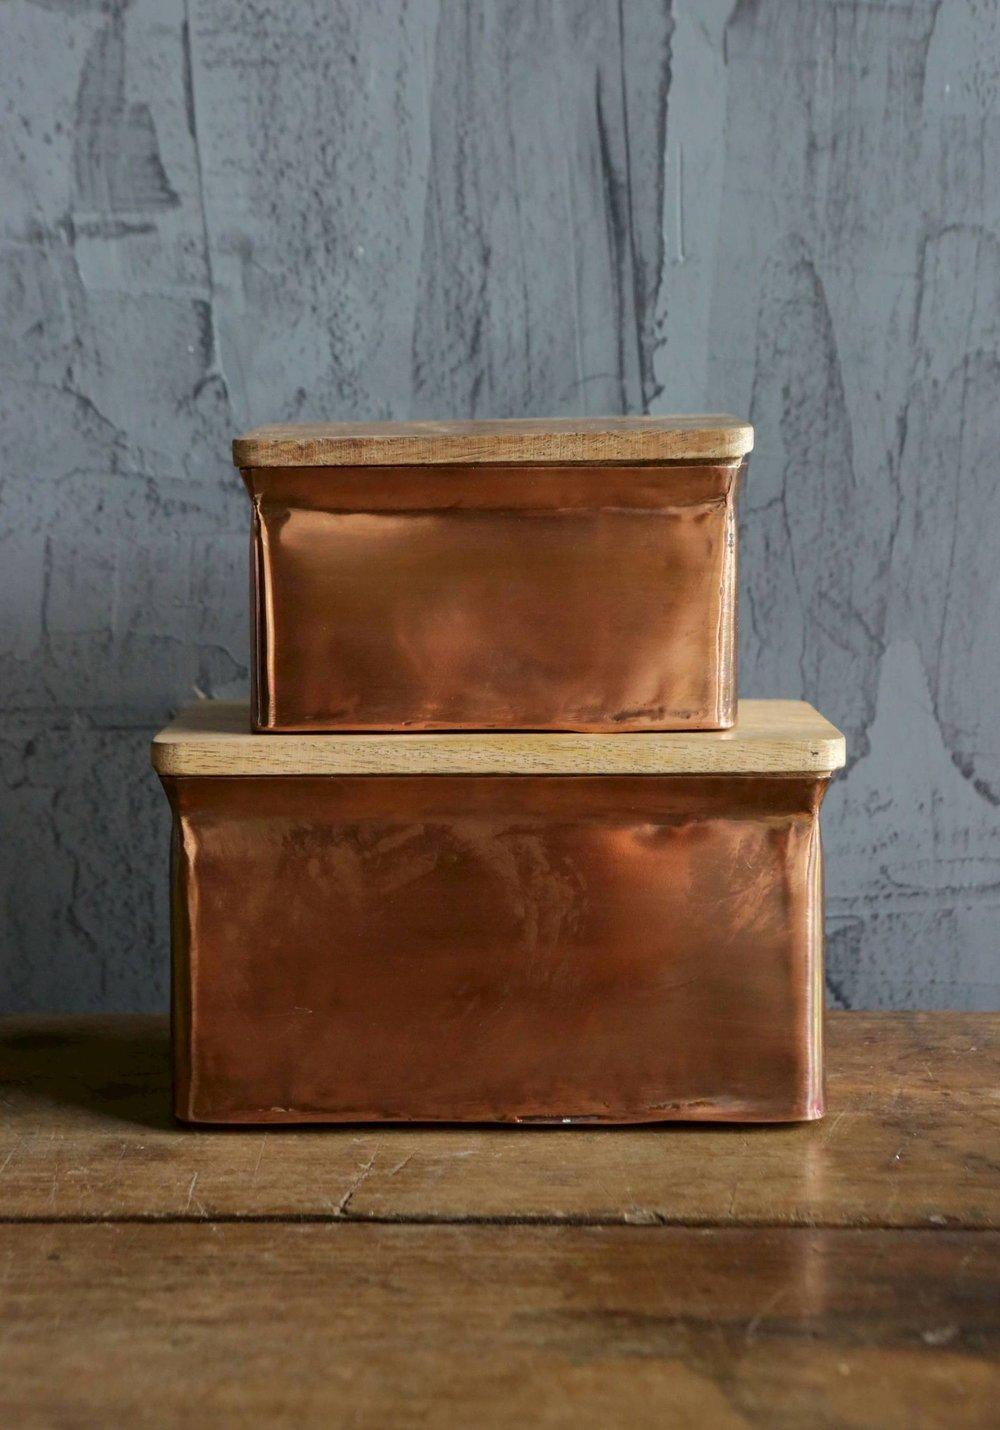 shop-storage-copper-box-e1501479382629.jpg